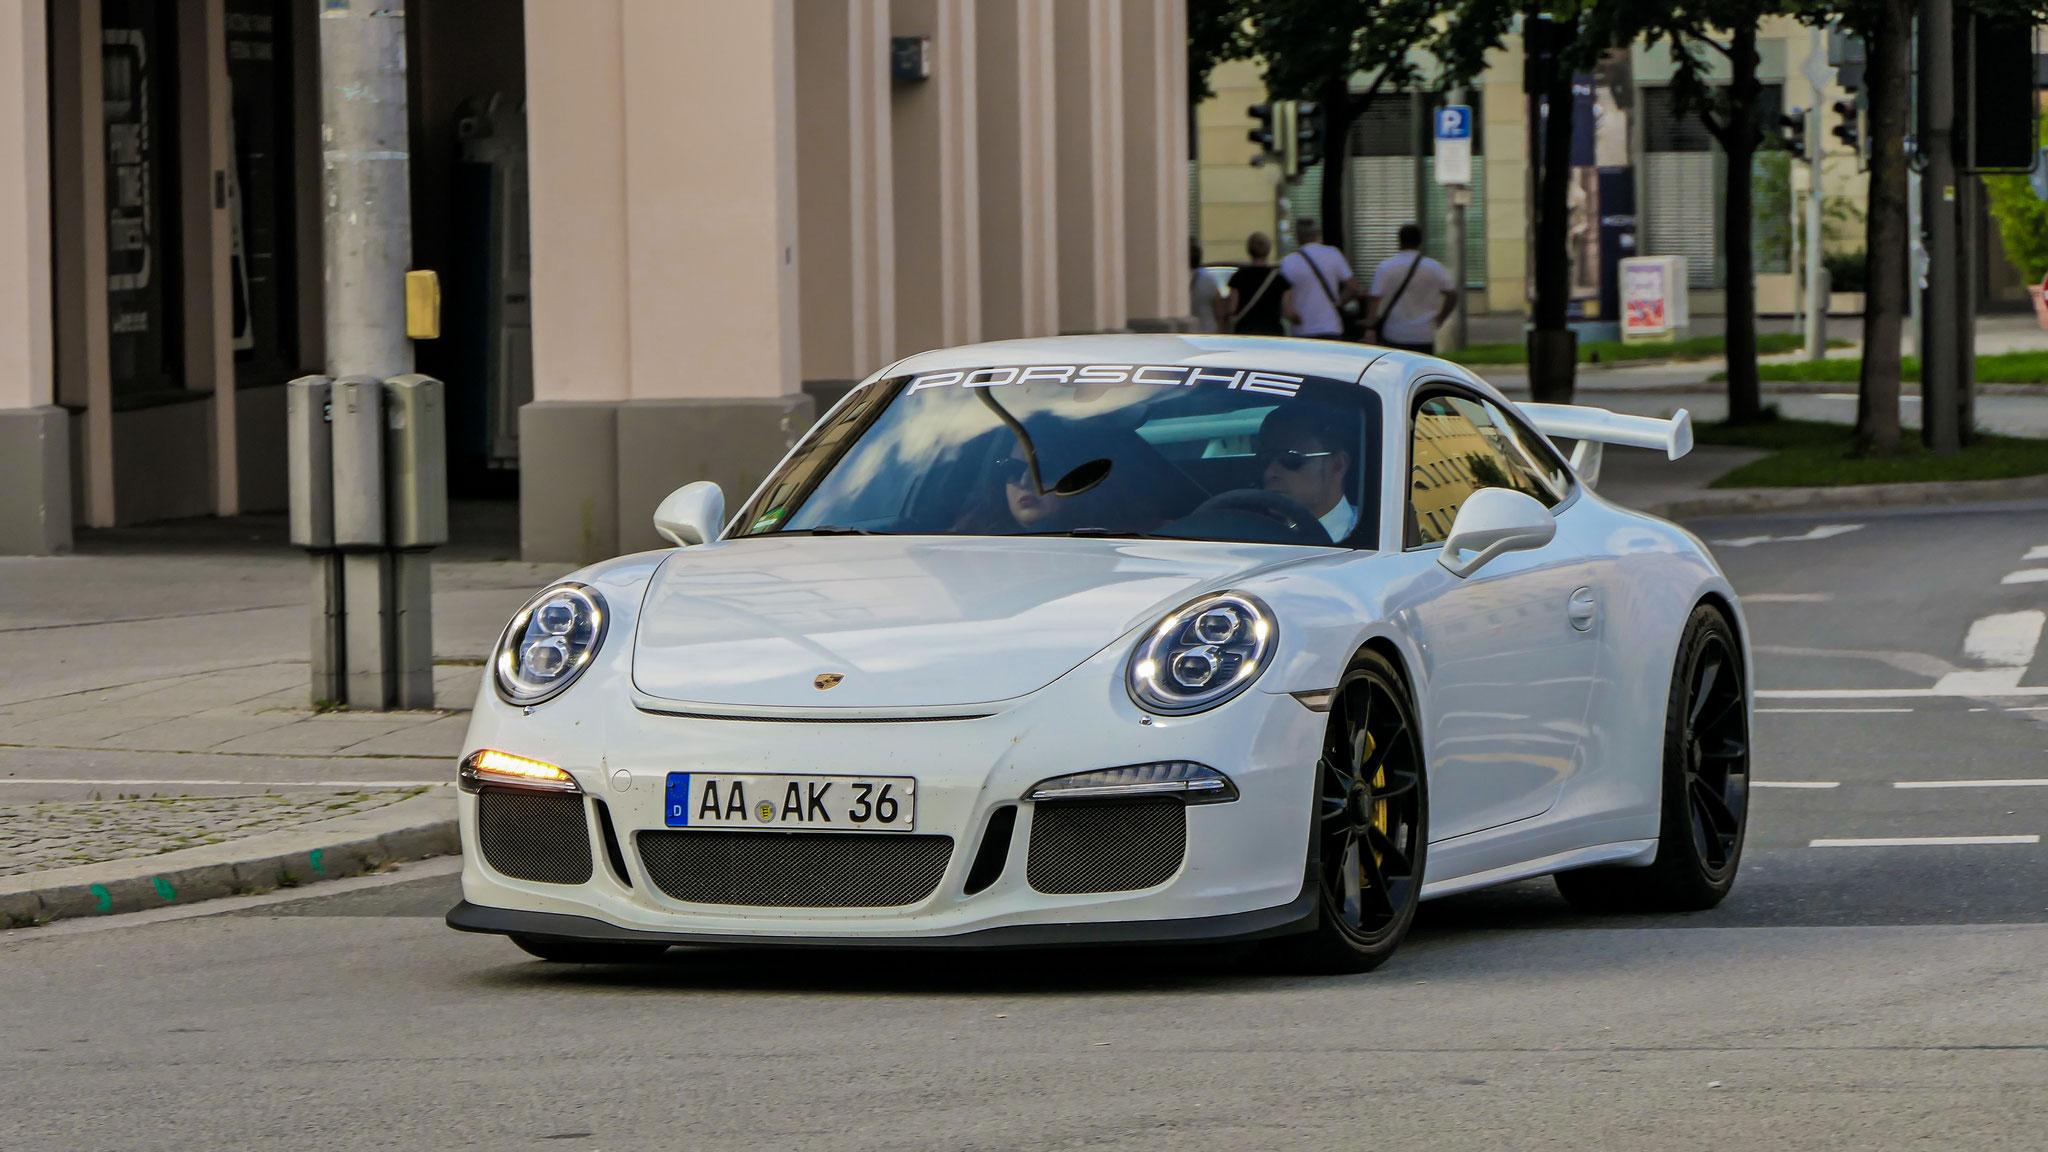 Porsche 991 GT3 - AA-AK-36